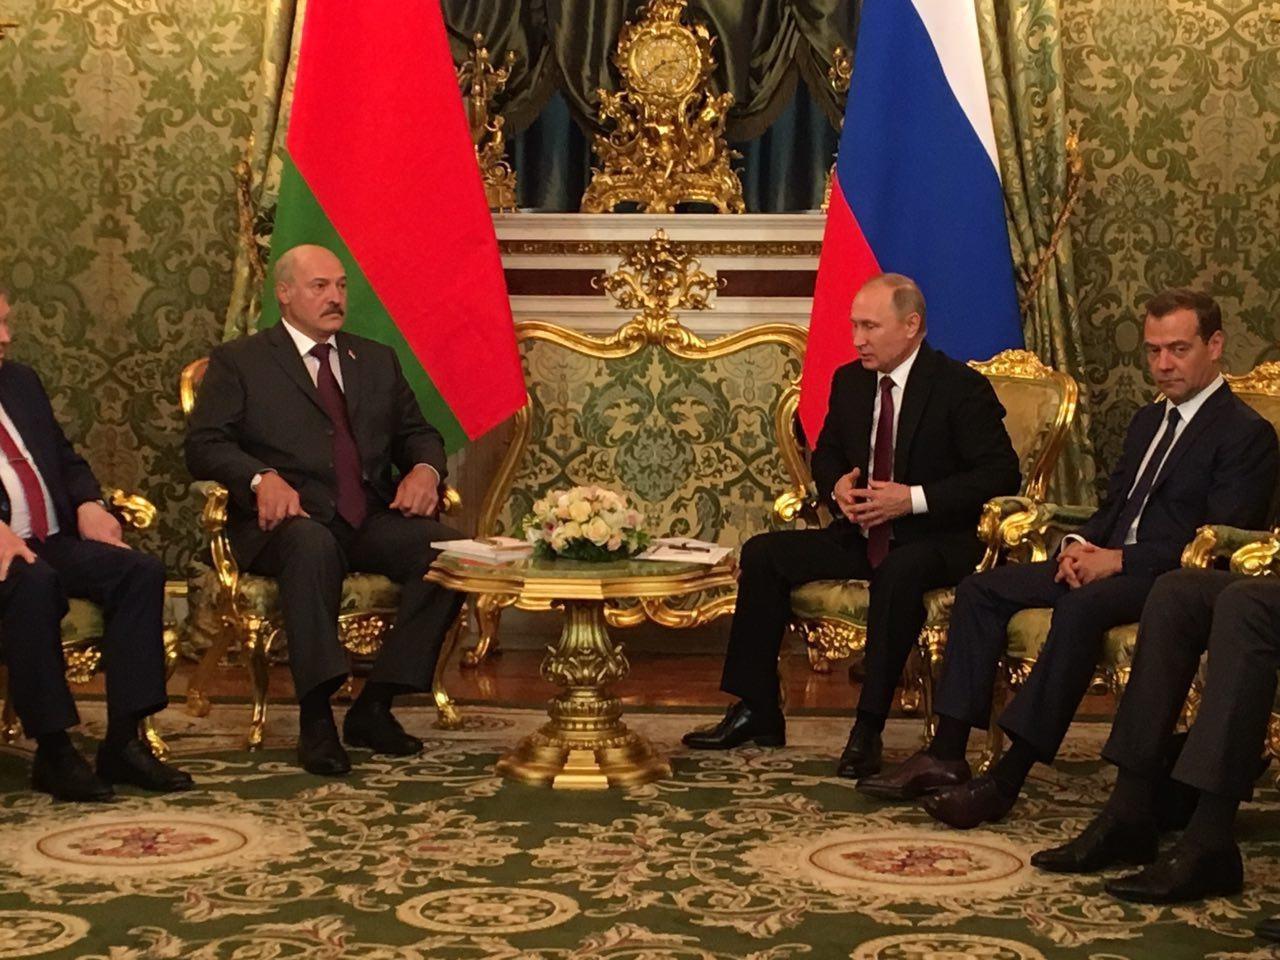 Специалист овстрече В.Путина иЛукашенко ипрорыве всоюзном строительстве